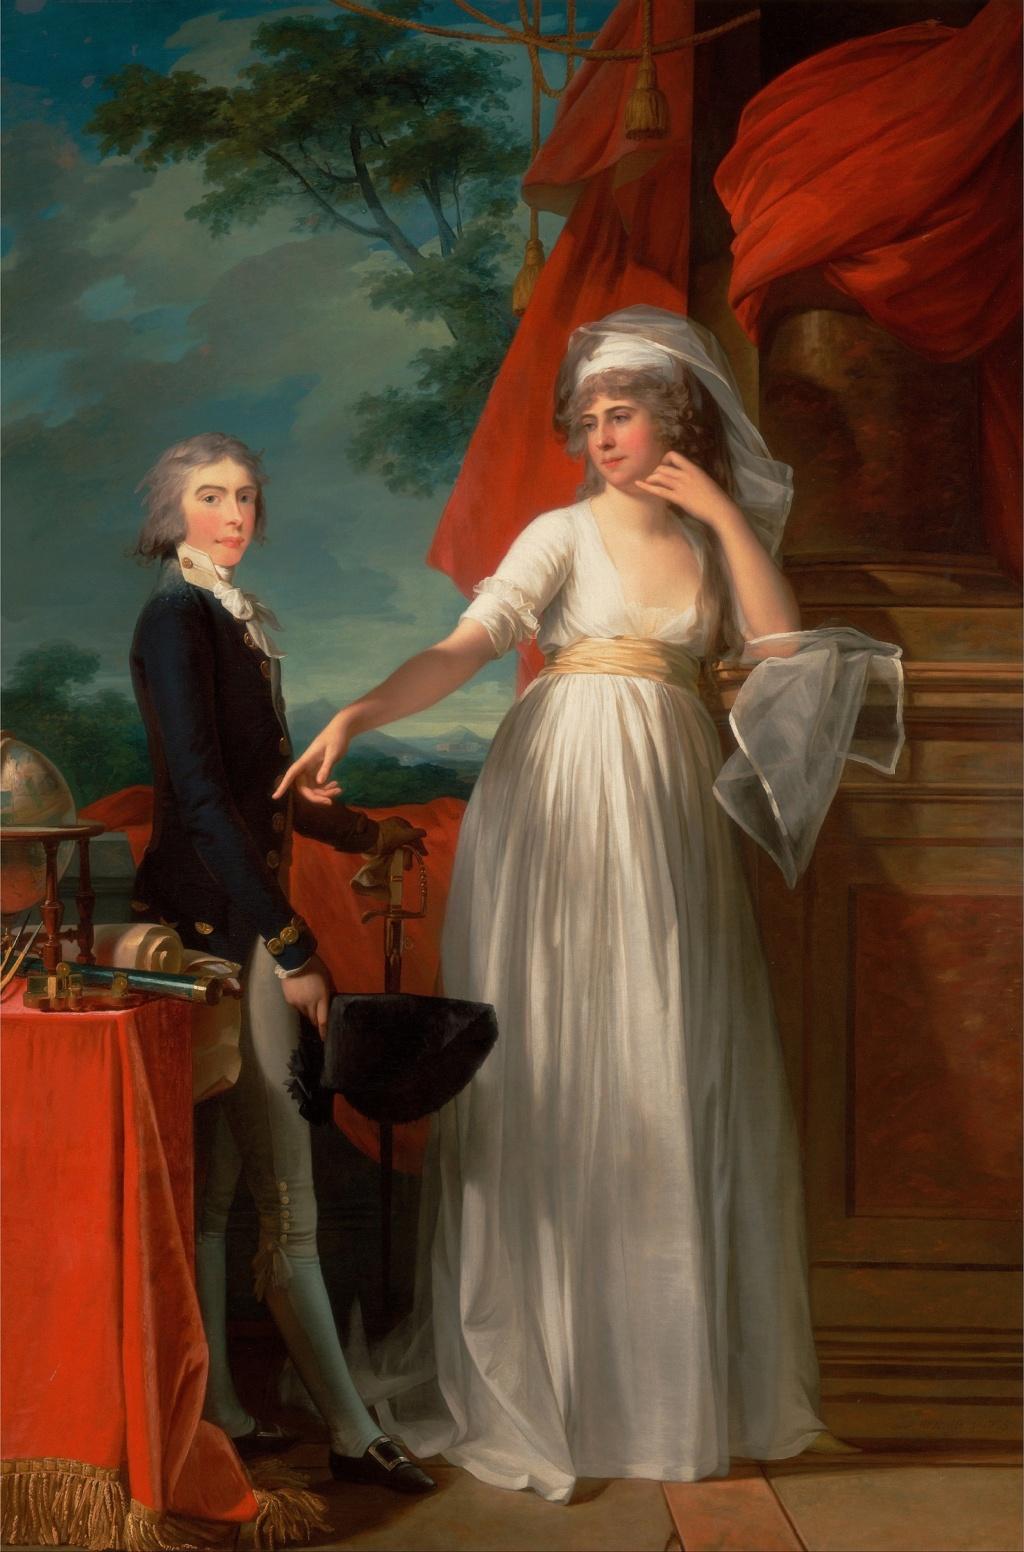 Enquête sur un tableau retrouvé de Marie-Antoinette attribué à Jean-Laurent Mosnier (vers 1776) - Page 3 21044910